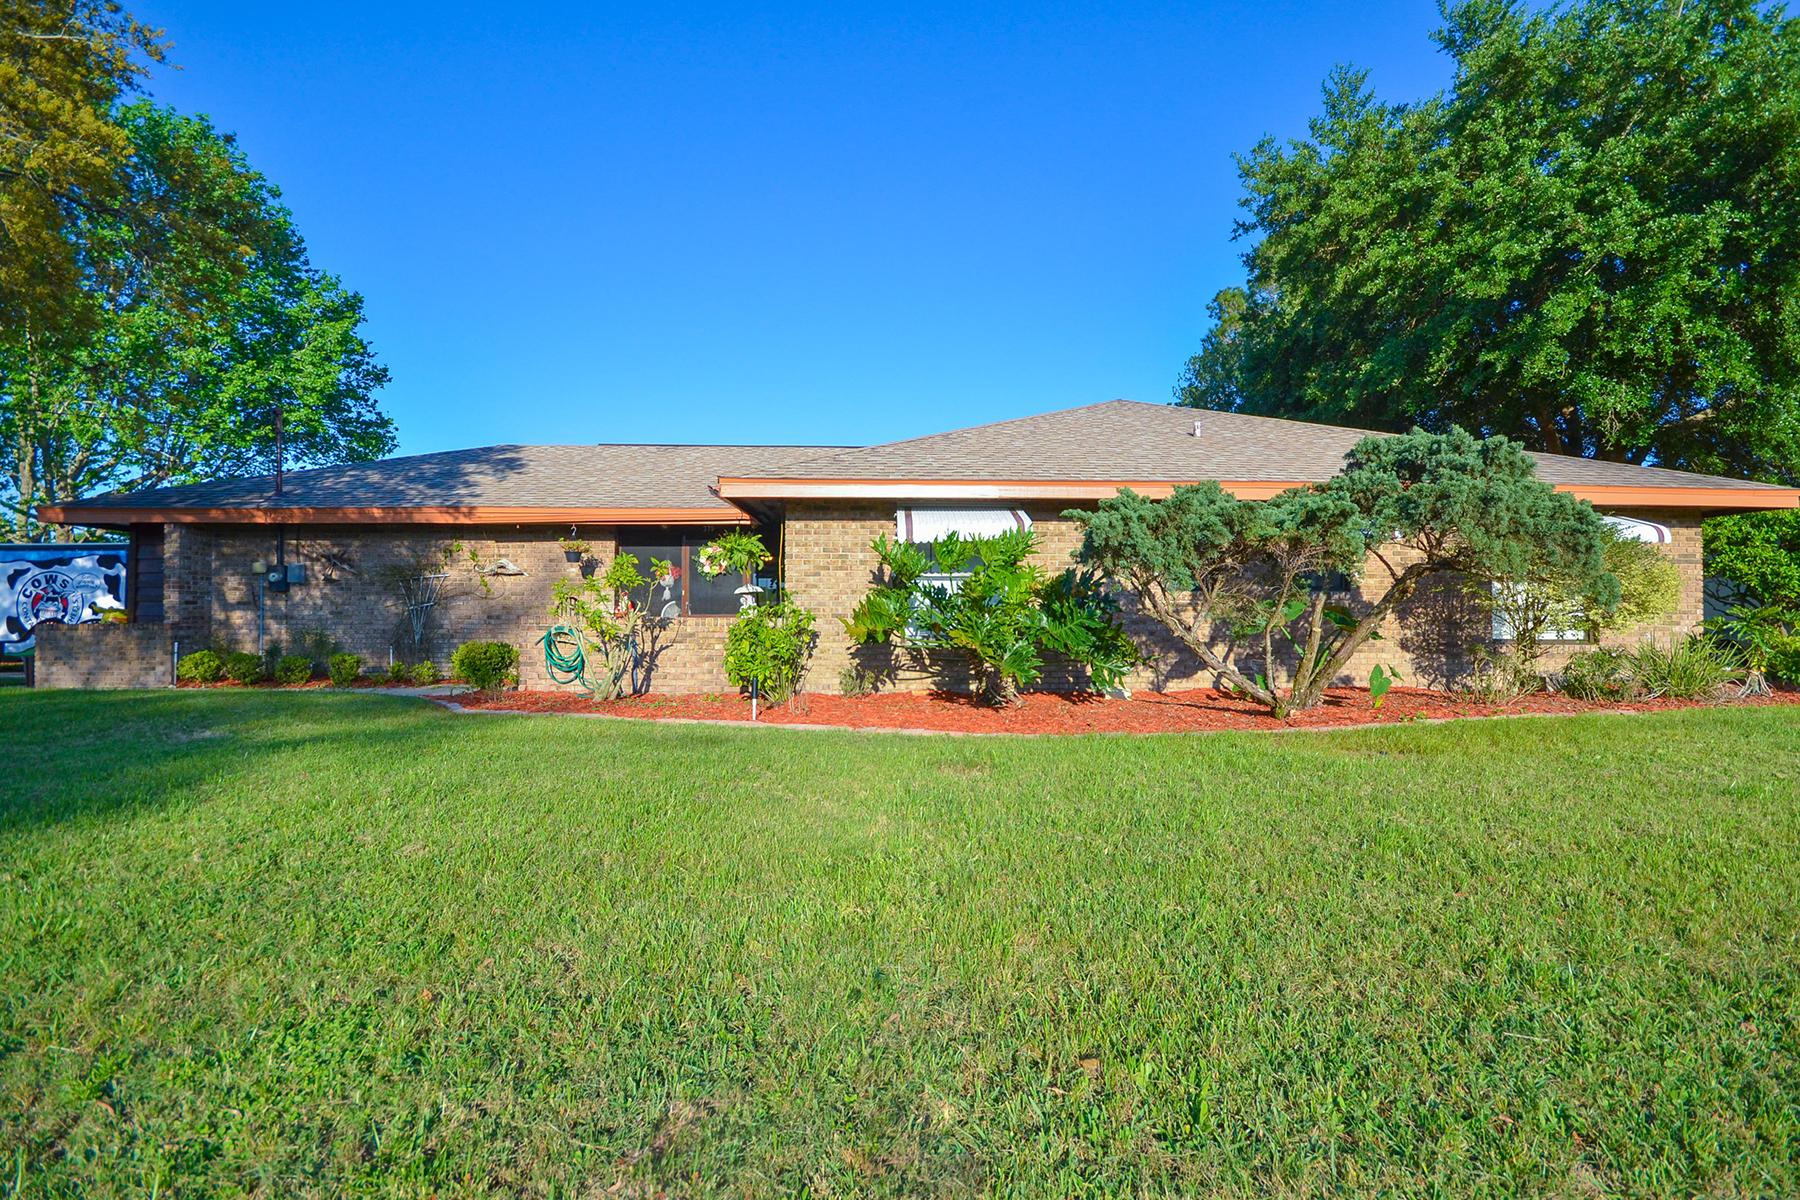 Maison unifamiliale pour l Vente à ORLANDO - DELTONA 379 Alexander Ave Deltona, Florida, 32725 États-Unis